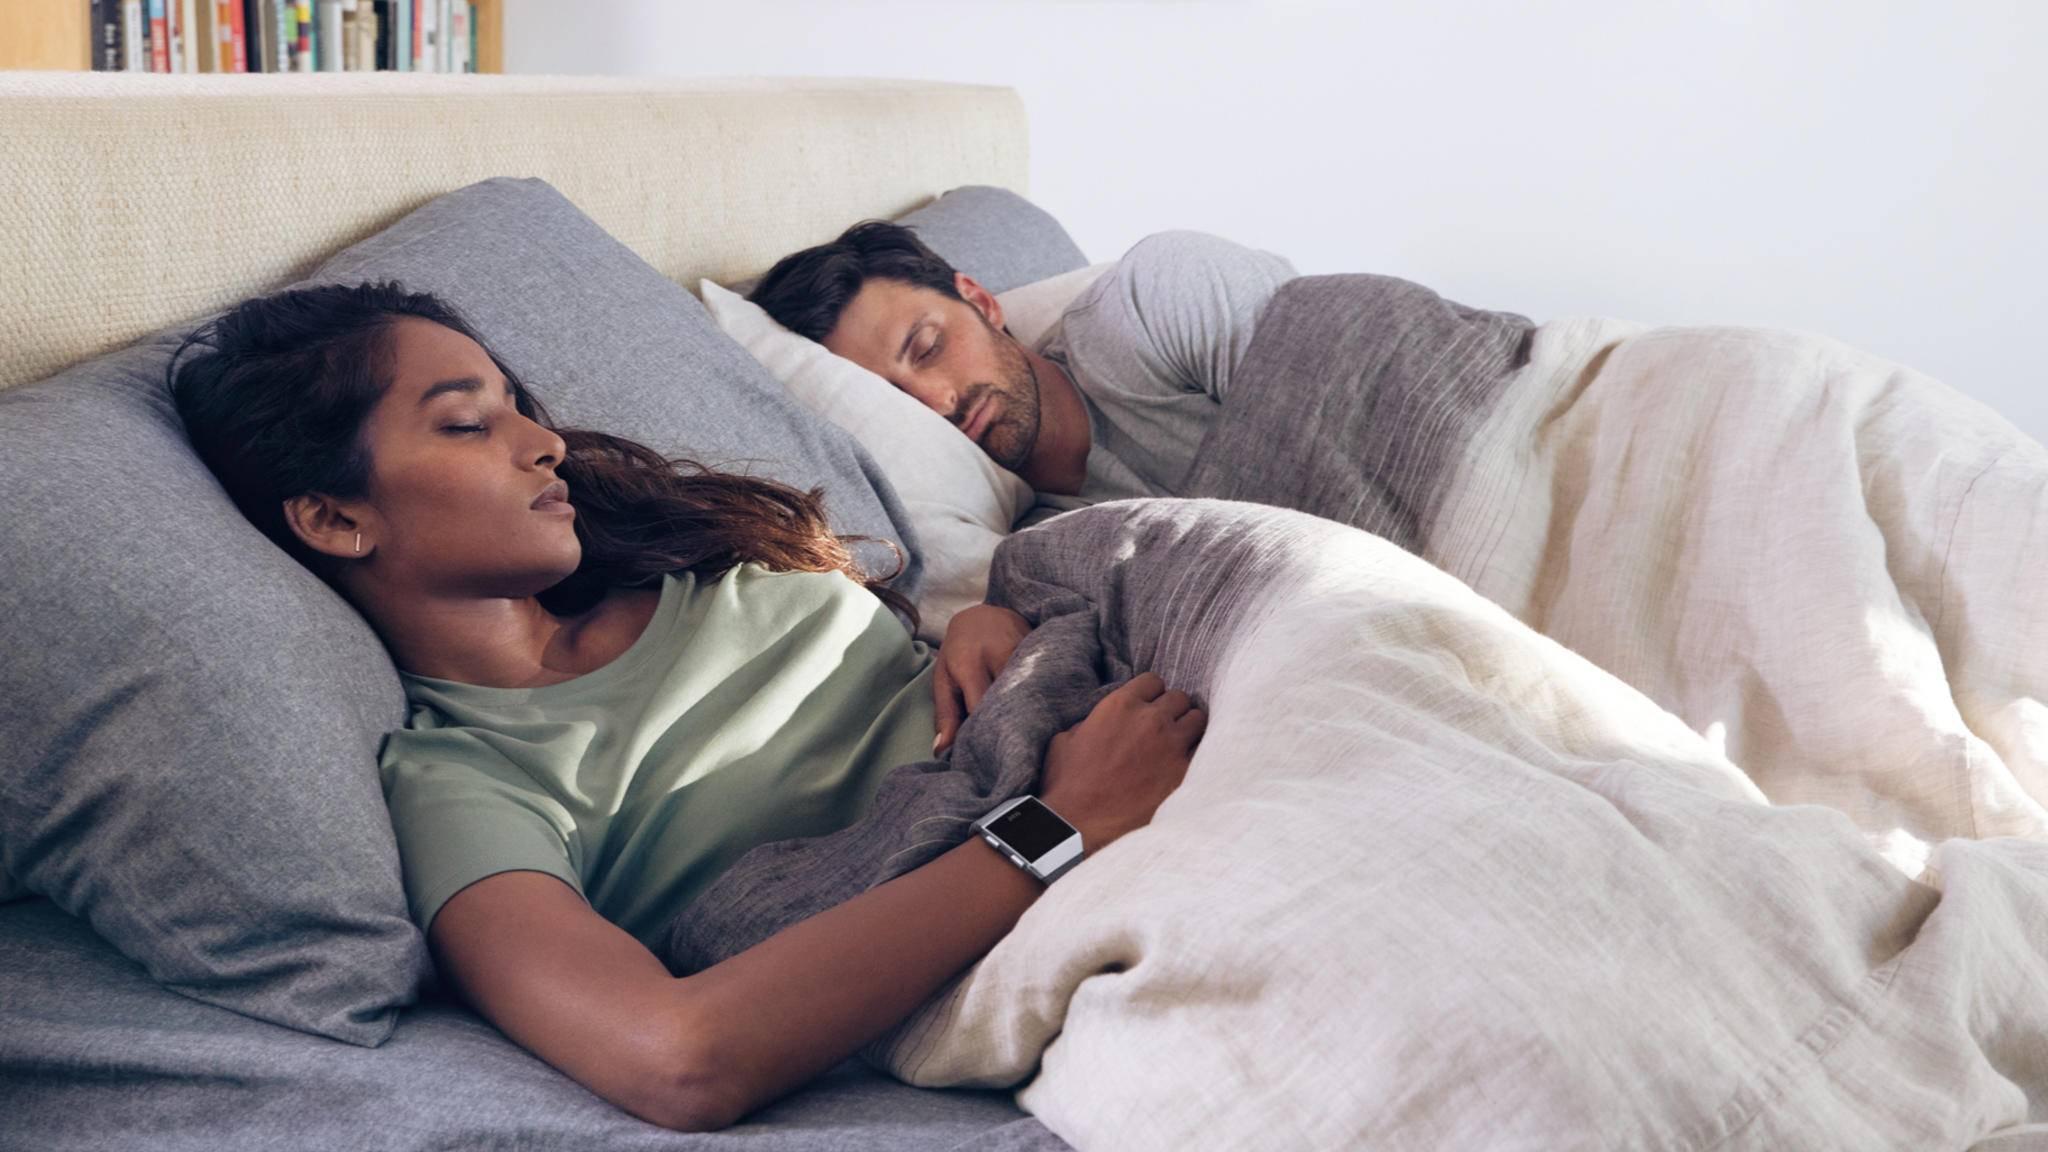 Wie gut schlafen Frauen und Männer wirklich? Fitbit hat das in einer neuen Schlafstudie untersucht.